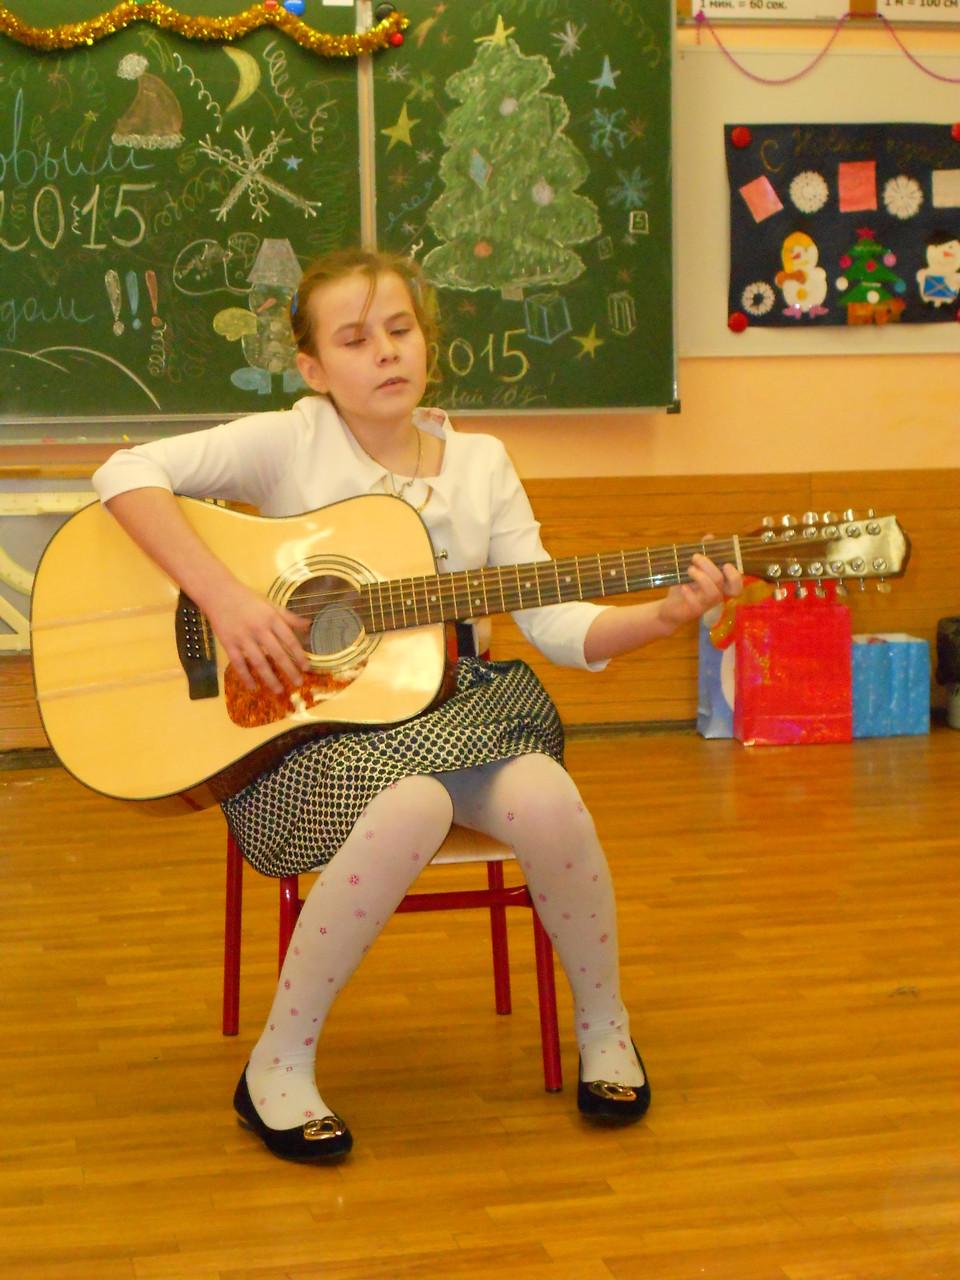 11. Услышать нам настал момент          Музыкальный инструмент. Анастасия Корякина играет на гитаре песню «Осень».